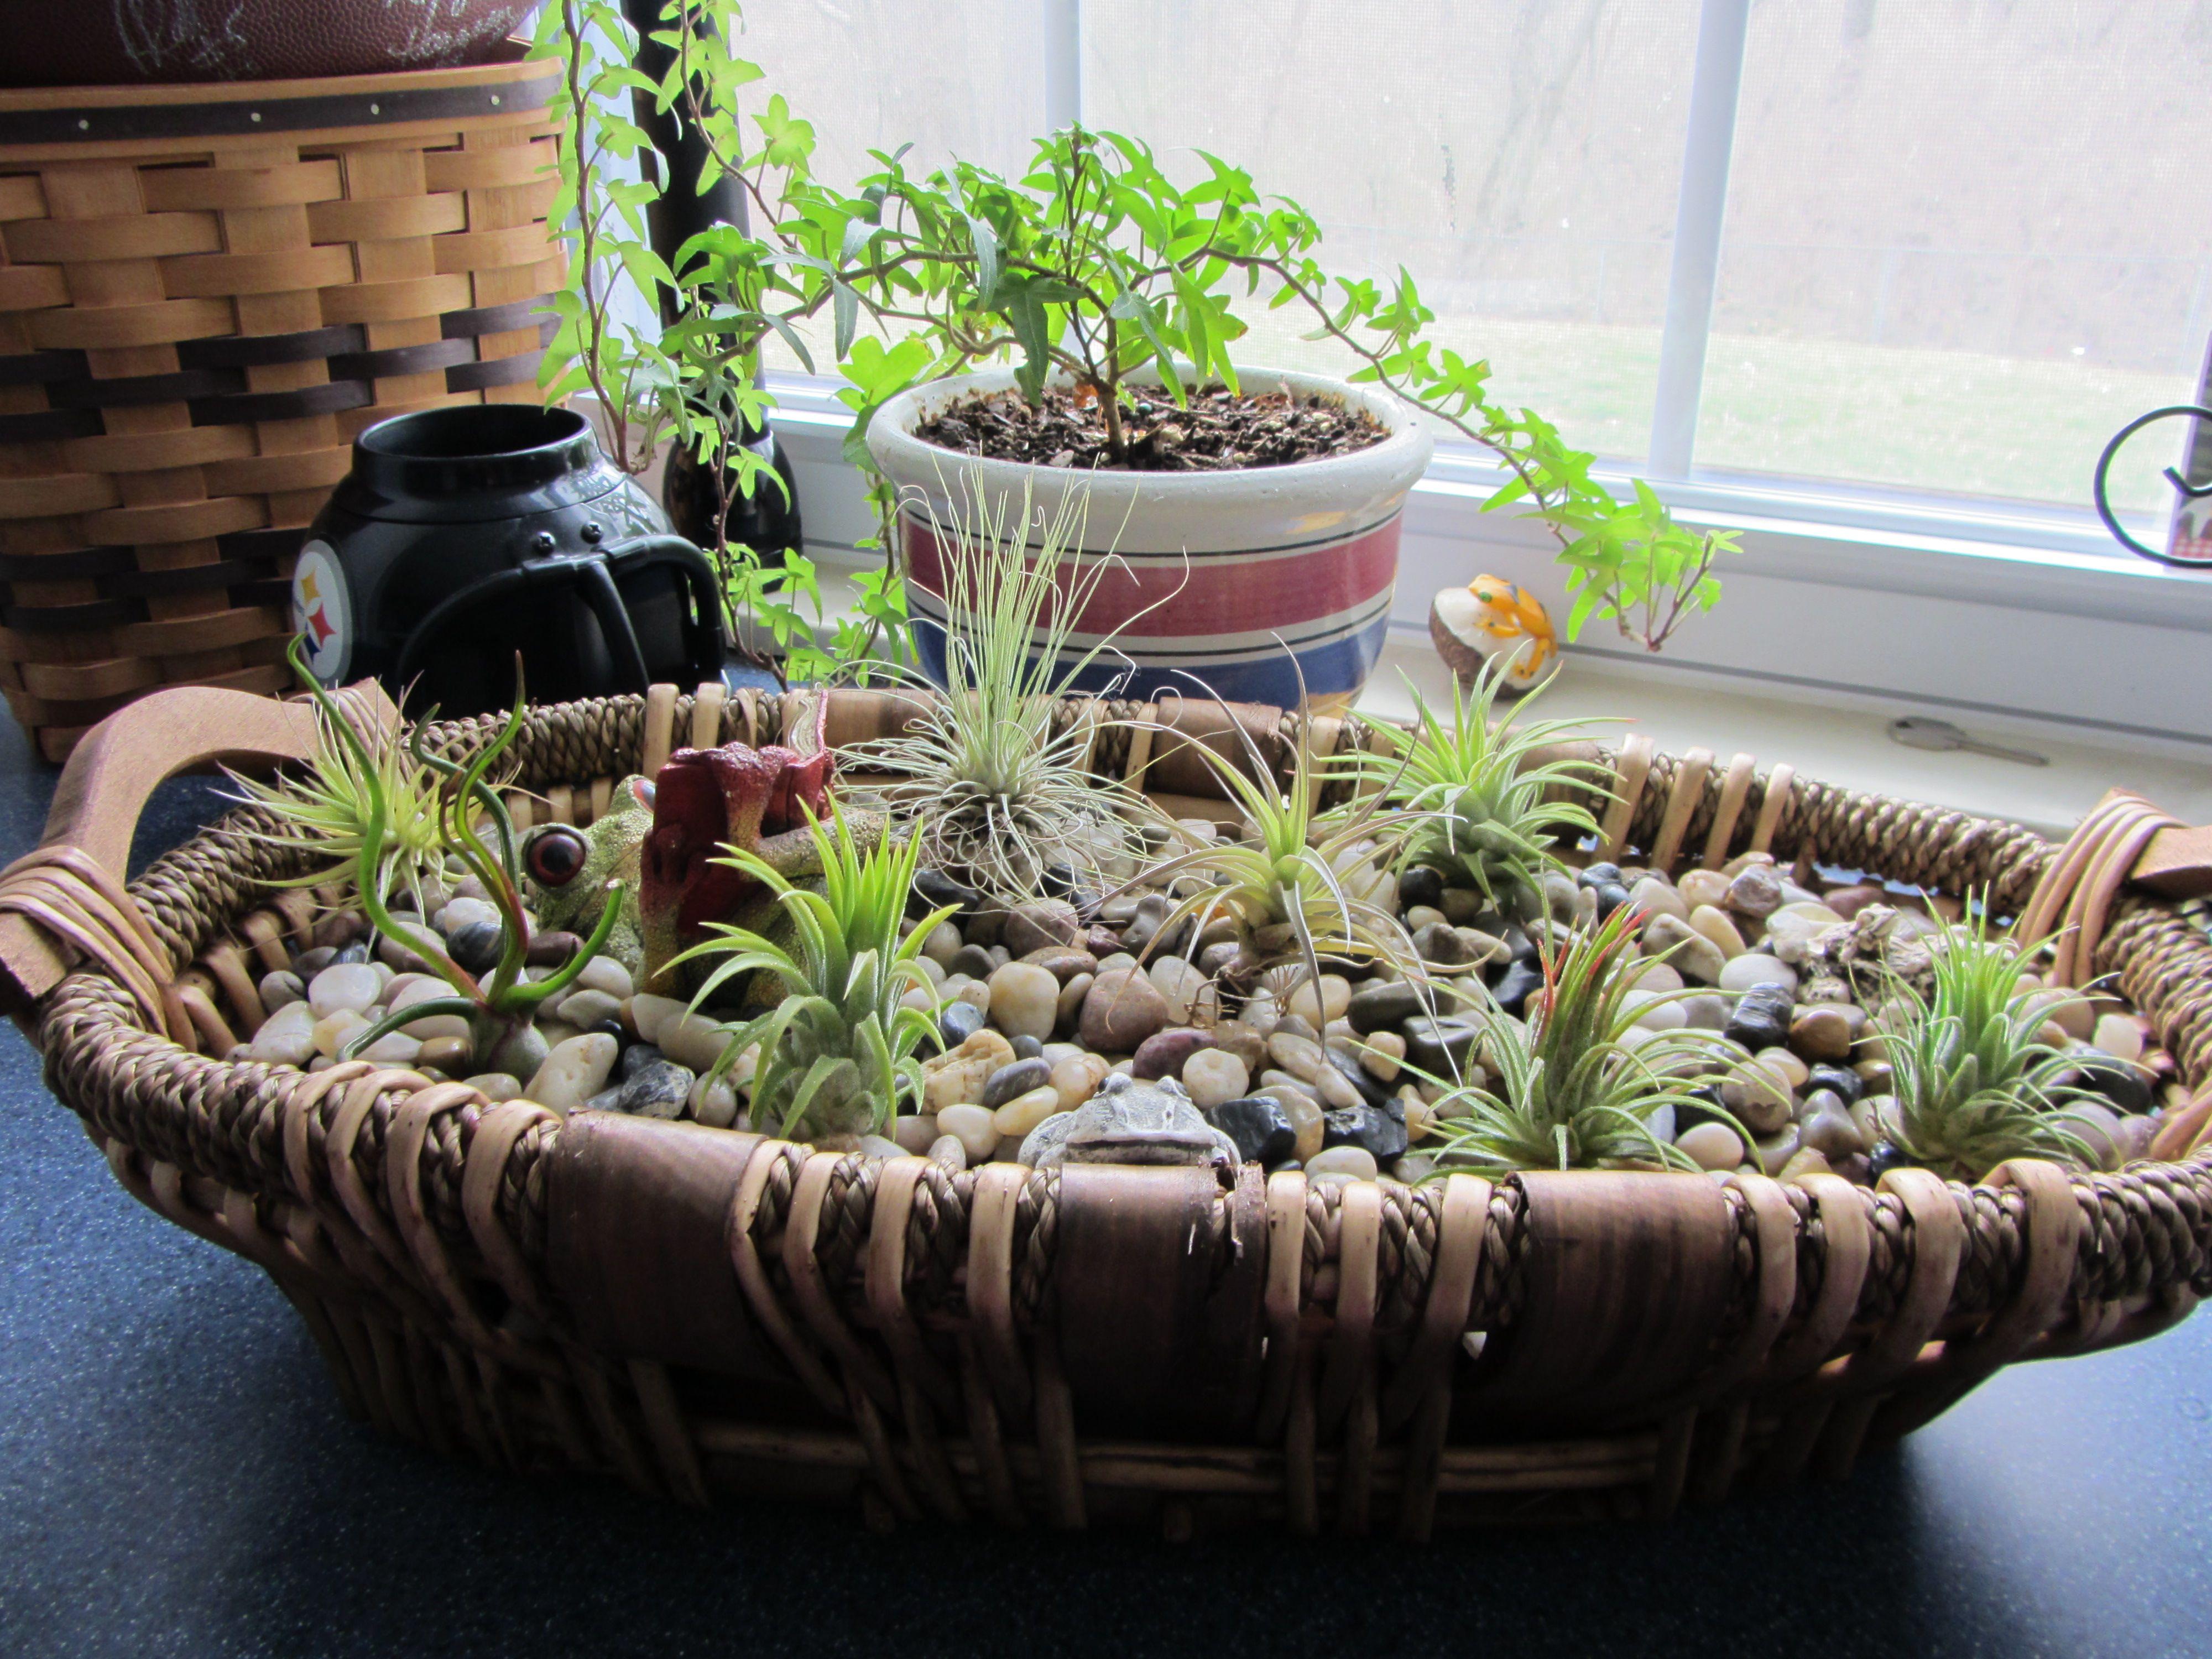 Wicker basket + air plants + river rocks + frogs #2